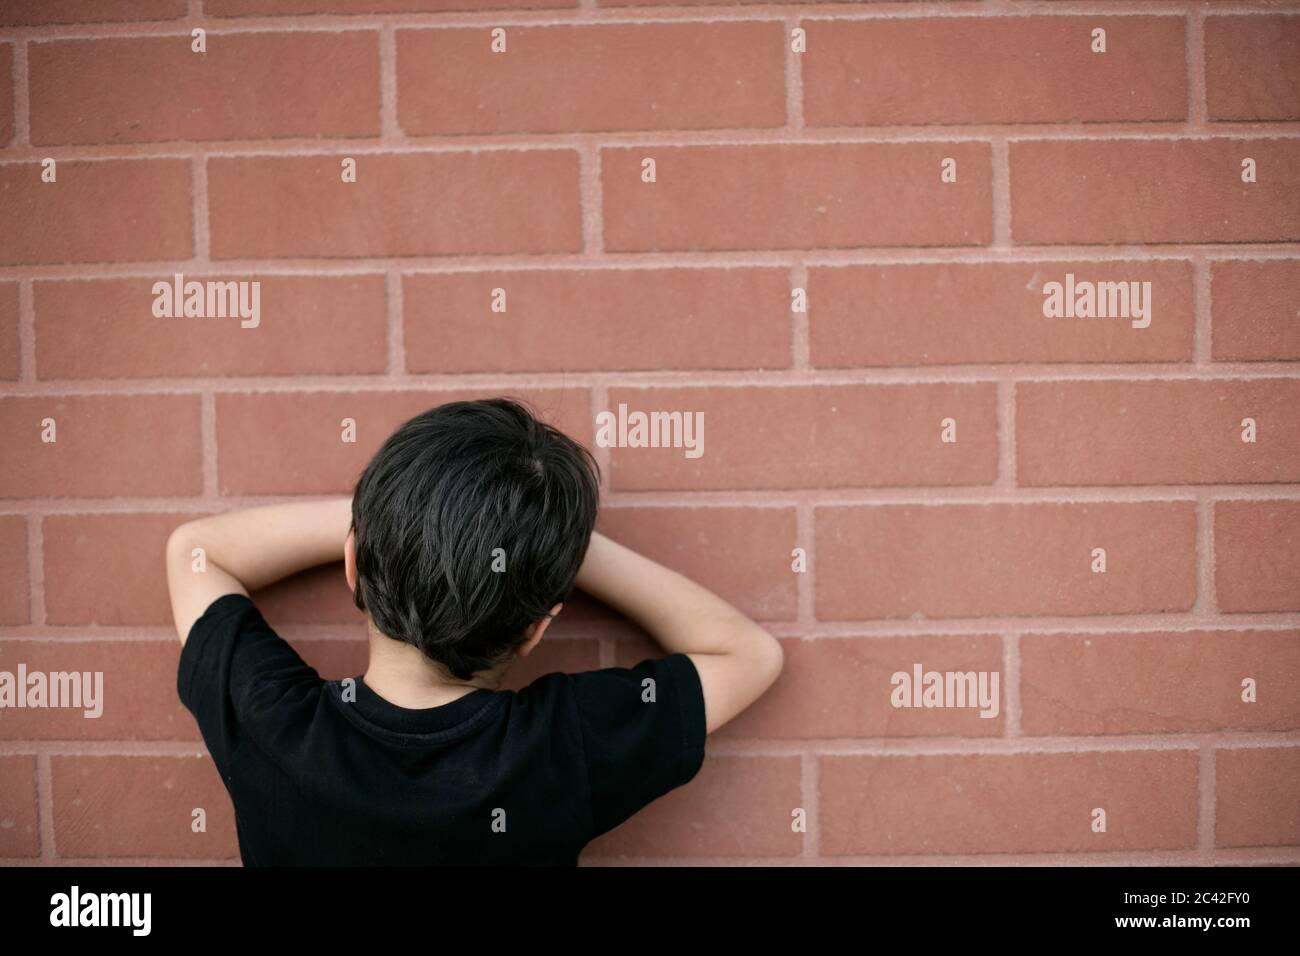 Le petit garçon compte sur le mur pour se cacher - la jeunesse - l'enfance Banque D'Images